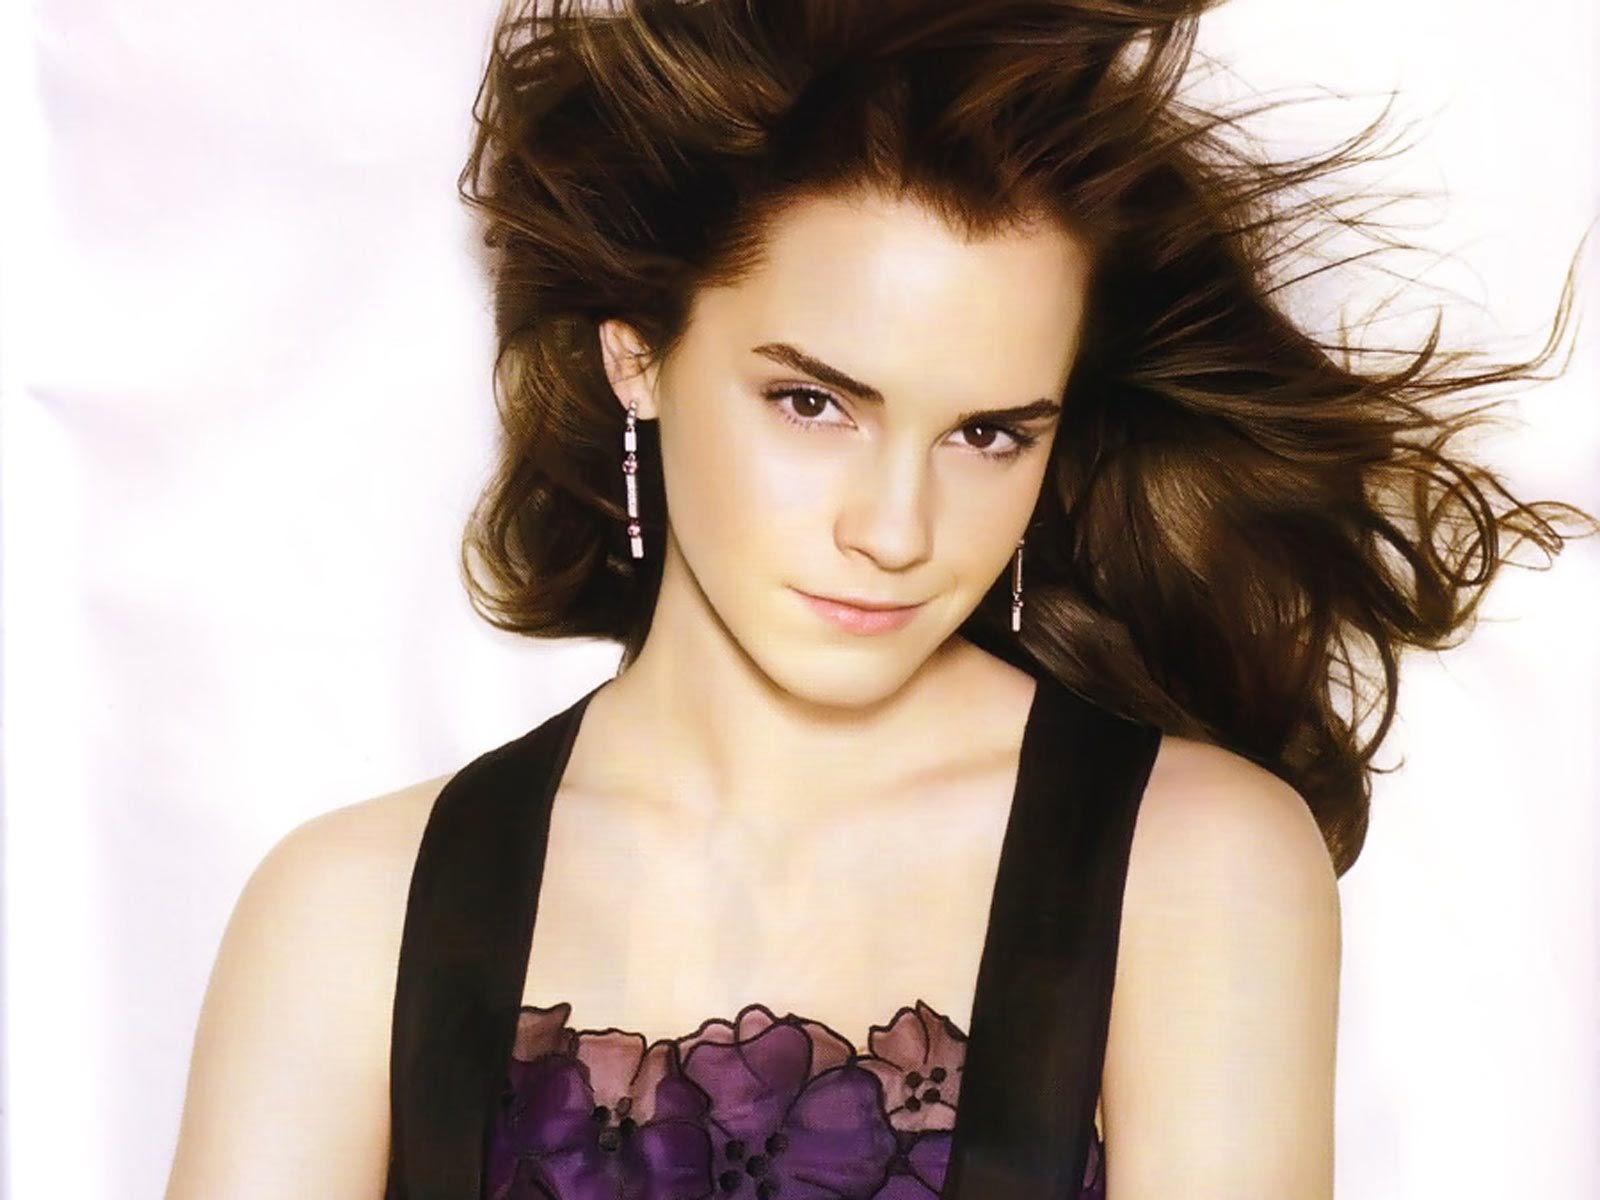 Adult Web Database: Emma Watson